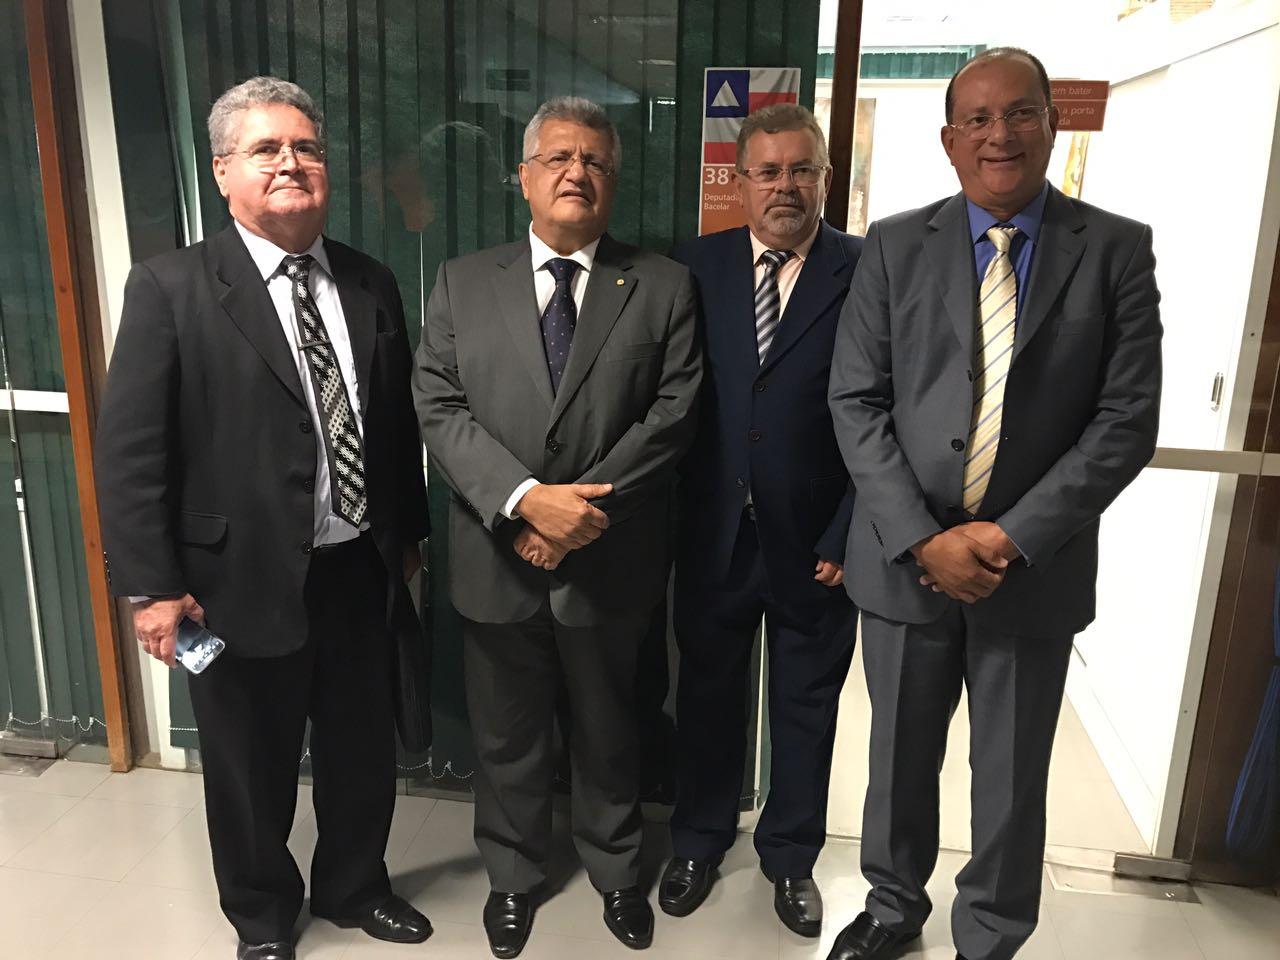 Com os representantes do Conselho Federal dos Despachantes Documentalistas